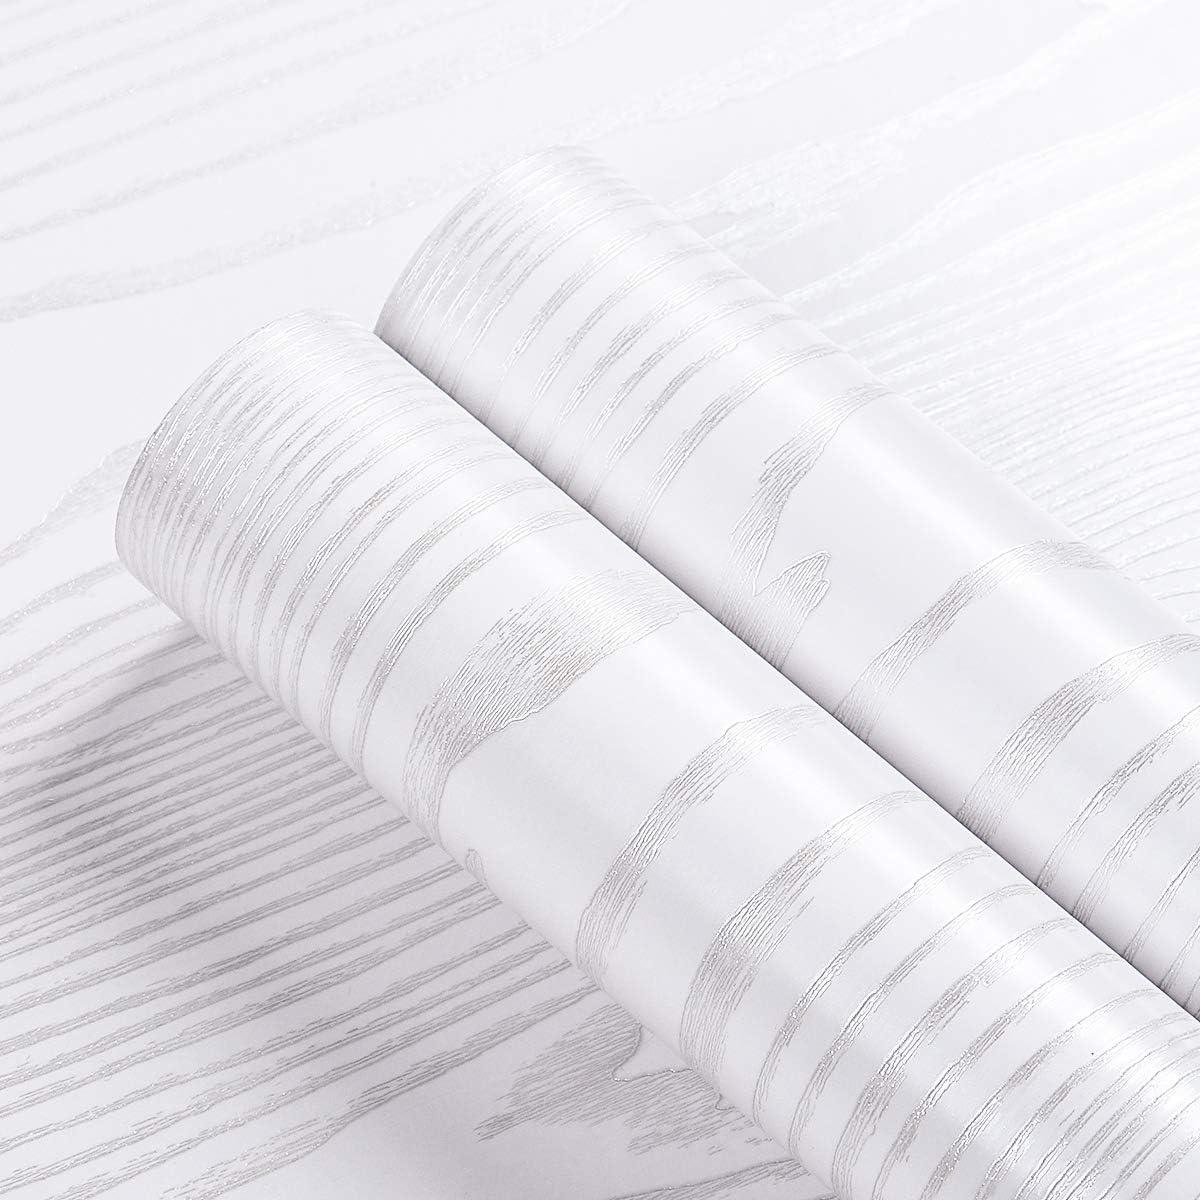 Livelynine 40CMX5M Papel Adhesivo Para Muebles Madera Blanco Vinilo Cocina Muebles Blanco Vinilos Para Puertas de Madera Interior Papel Vinilo Adhesivo Para Encimera de Cocina Blanco Autoadhesivo